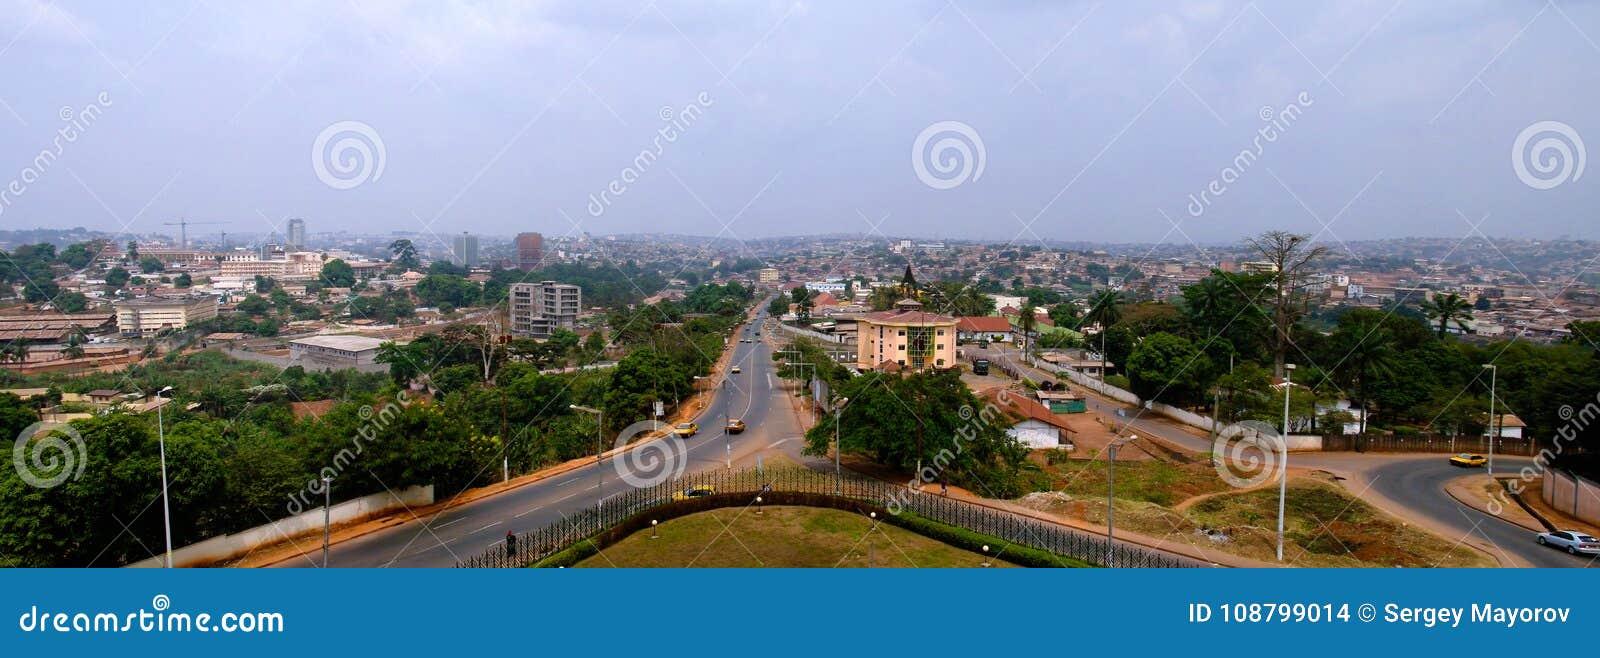 Opinión aérea a Yaounde, la capital del paisaje urbano del Camerún